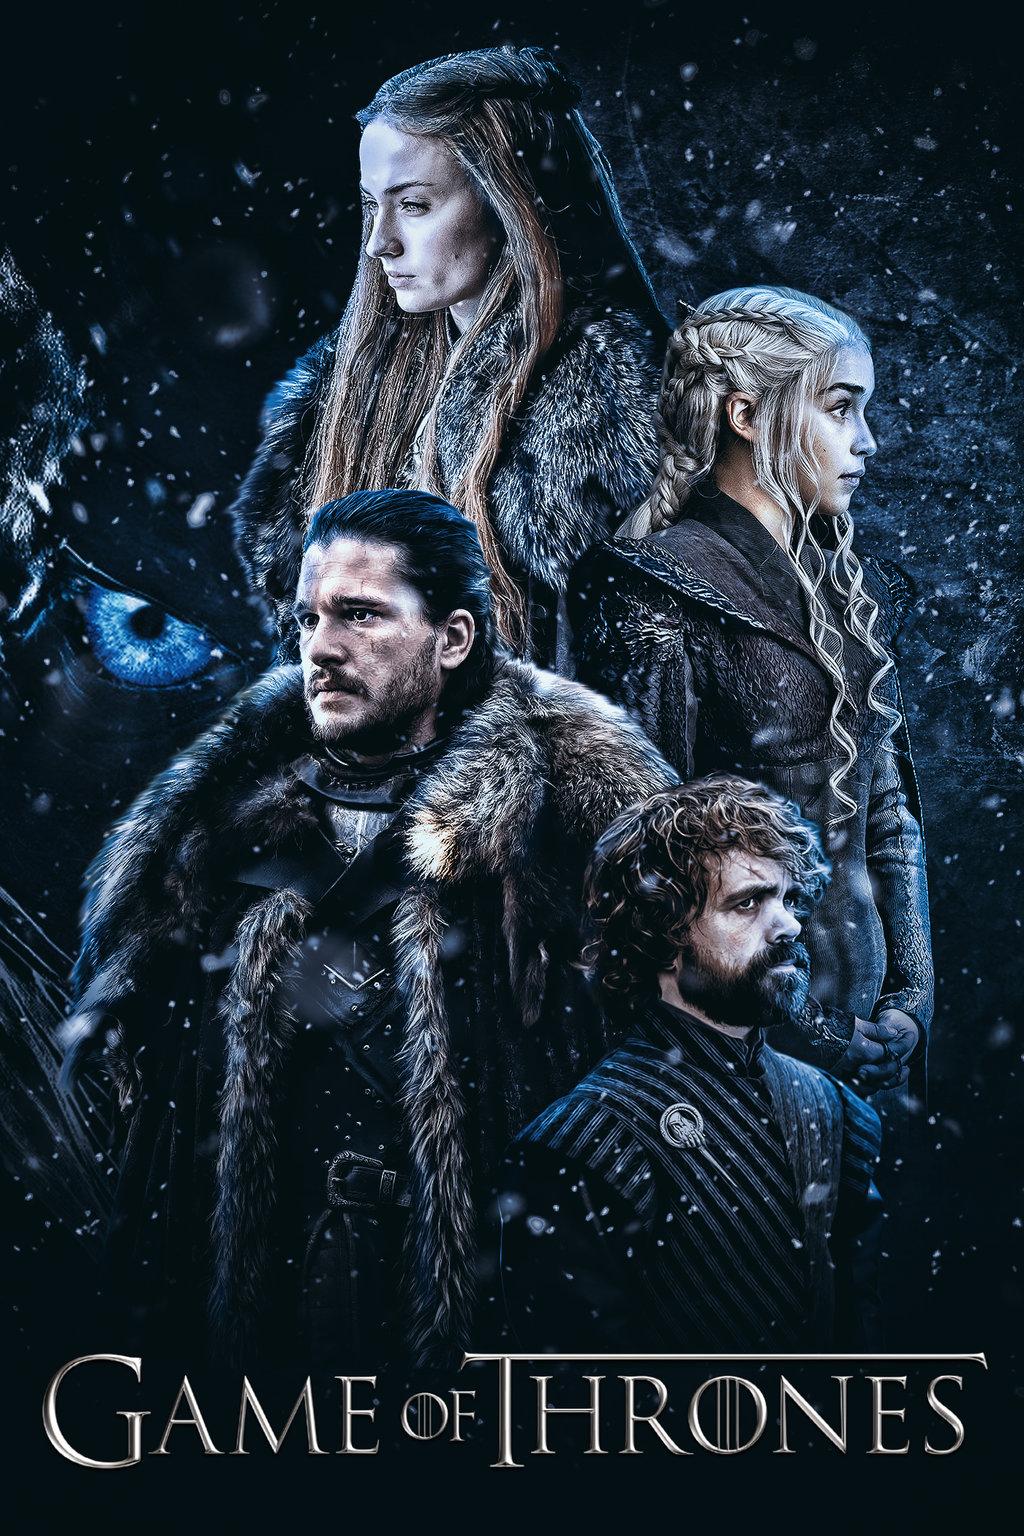 სამეფო კარის თამაშები (ქართულად, ინგლისურად, რუსულად) / Game of thrones